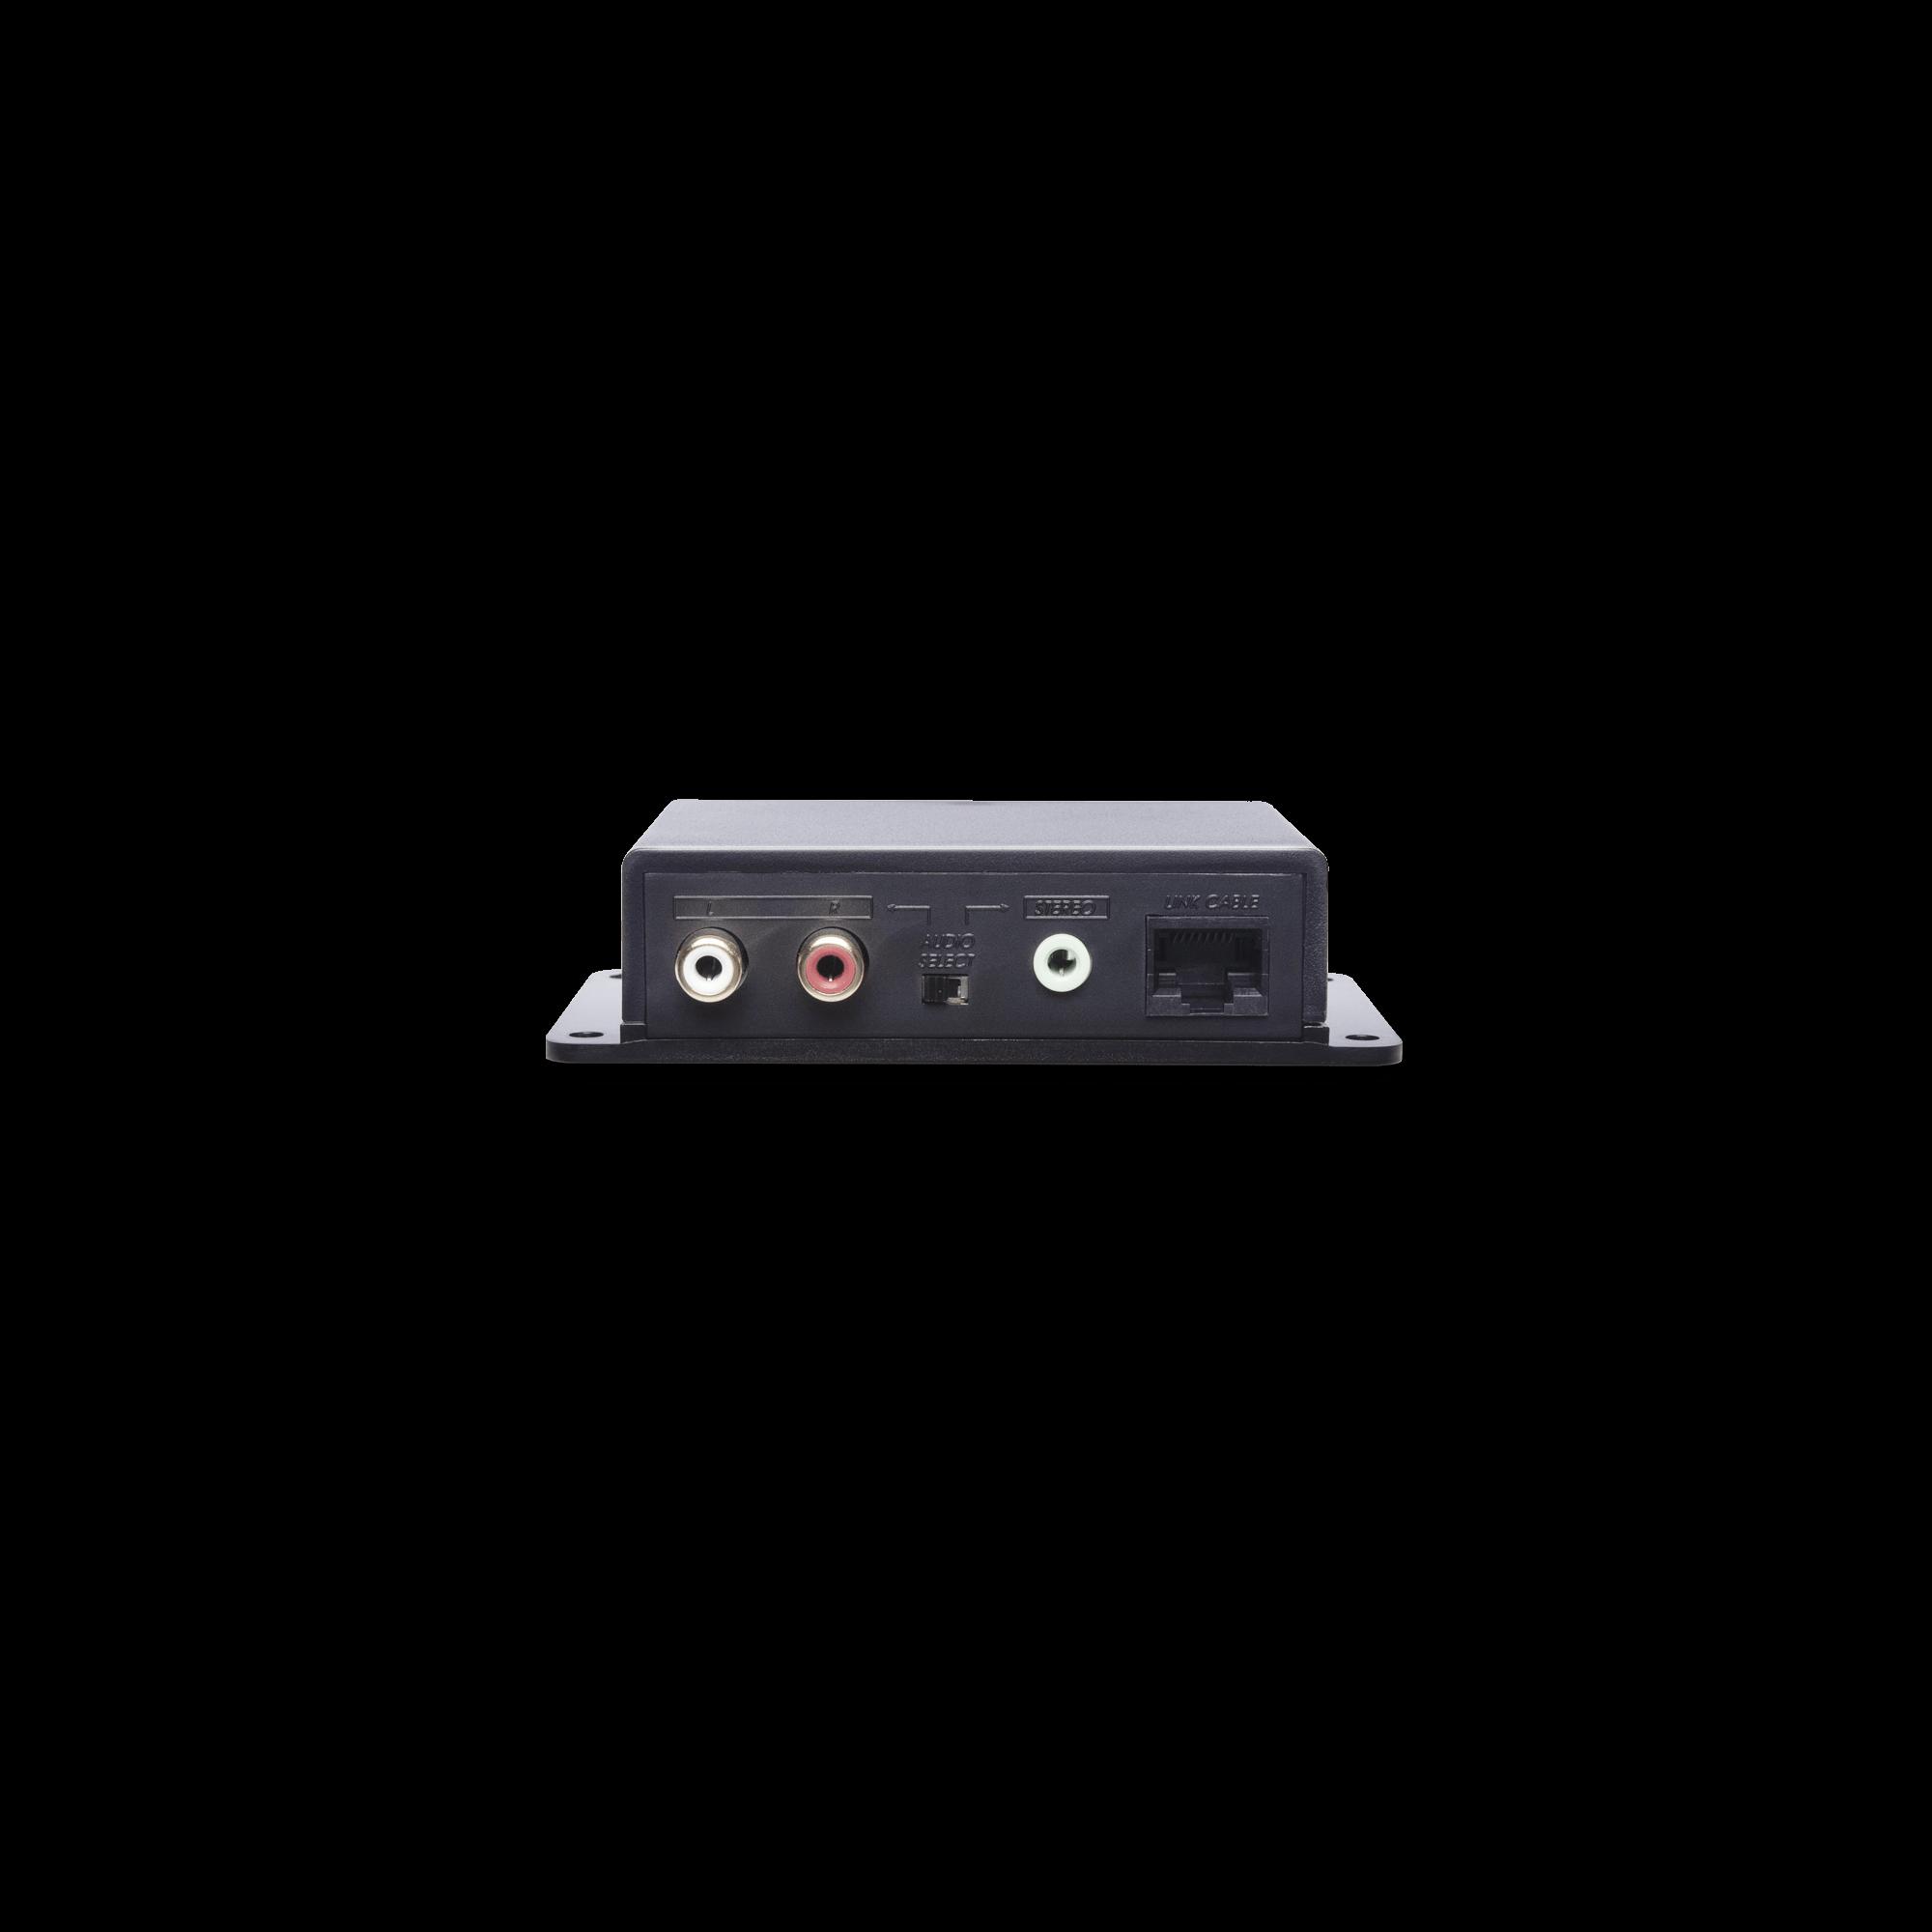 Stereo/Mini Stereo Audio CAT5e Extender